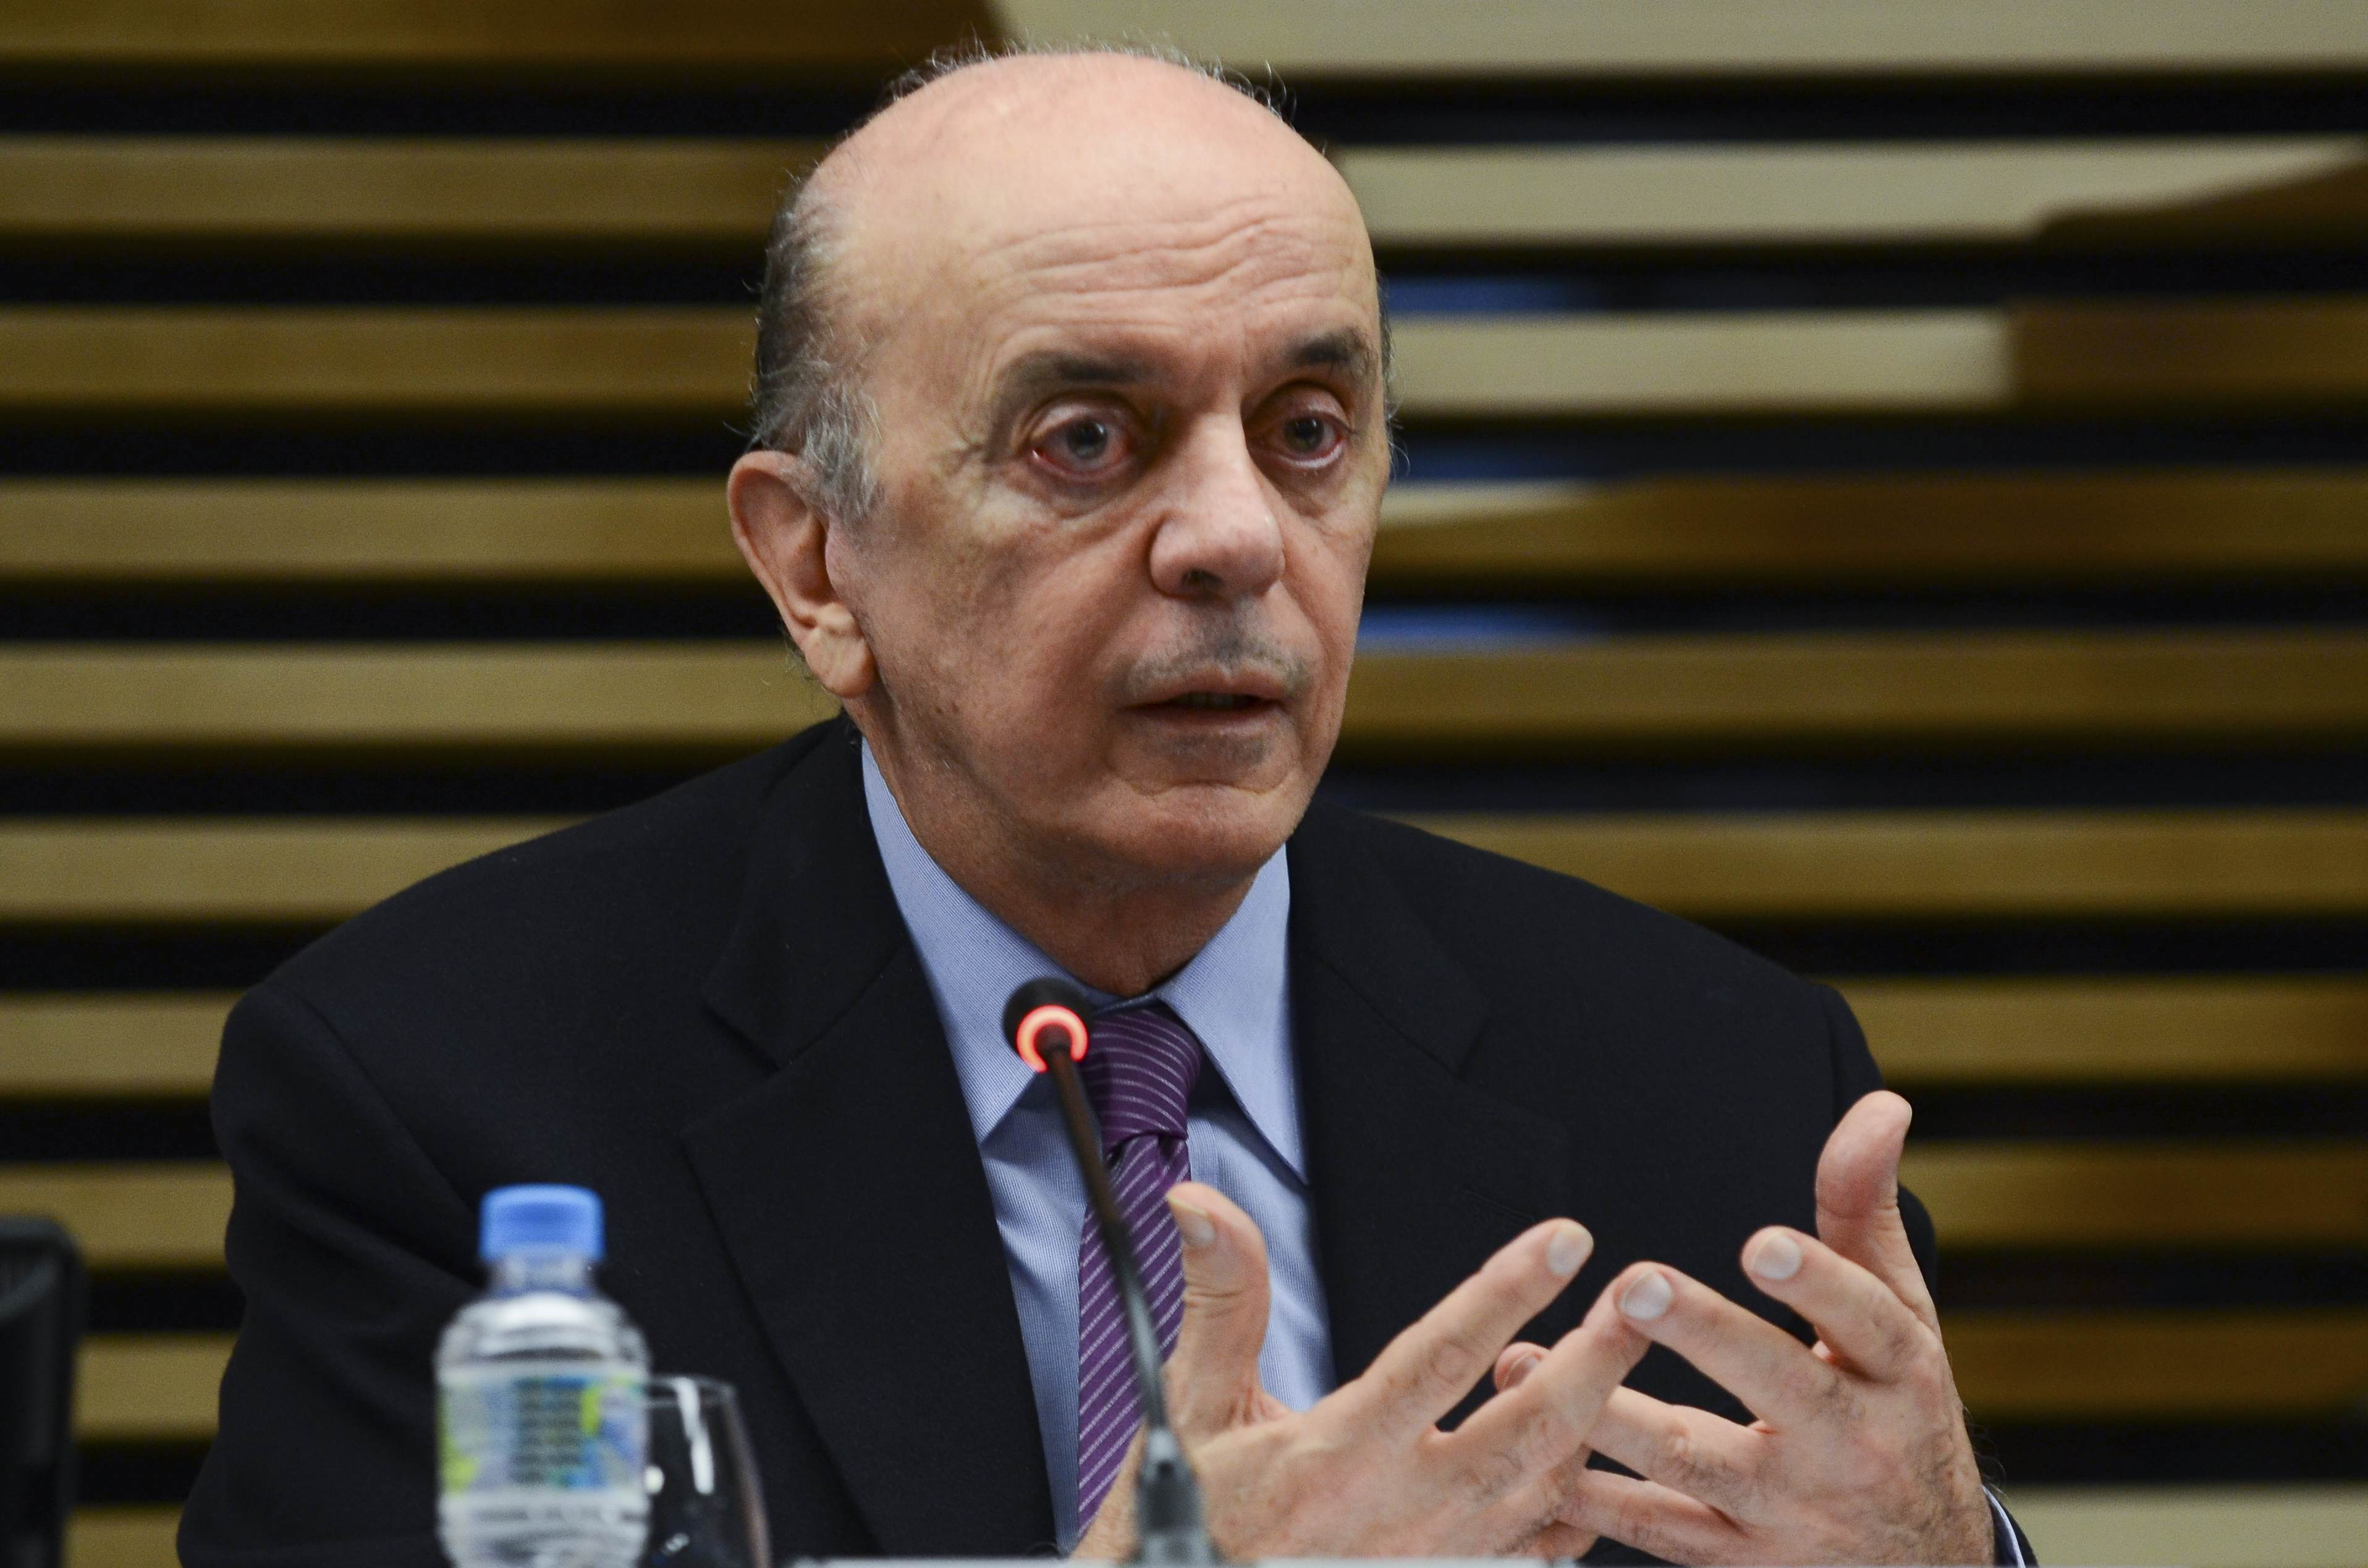 Senador José Serra criticou operação da PF que apura caixa 2 em sua campanha